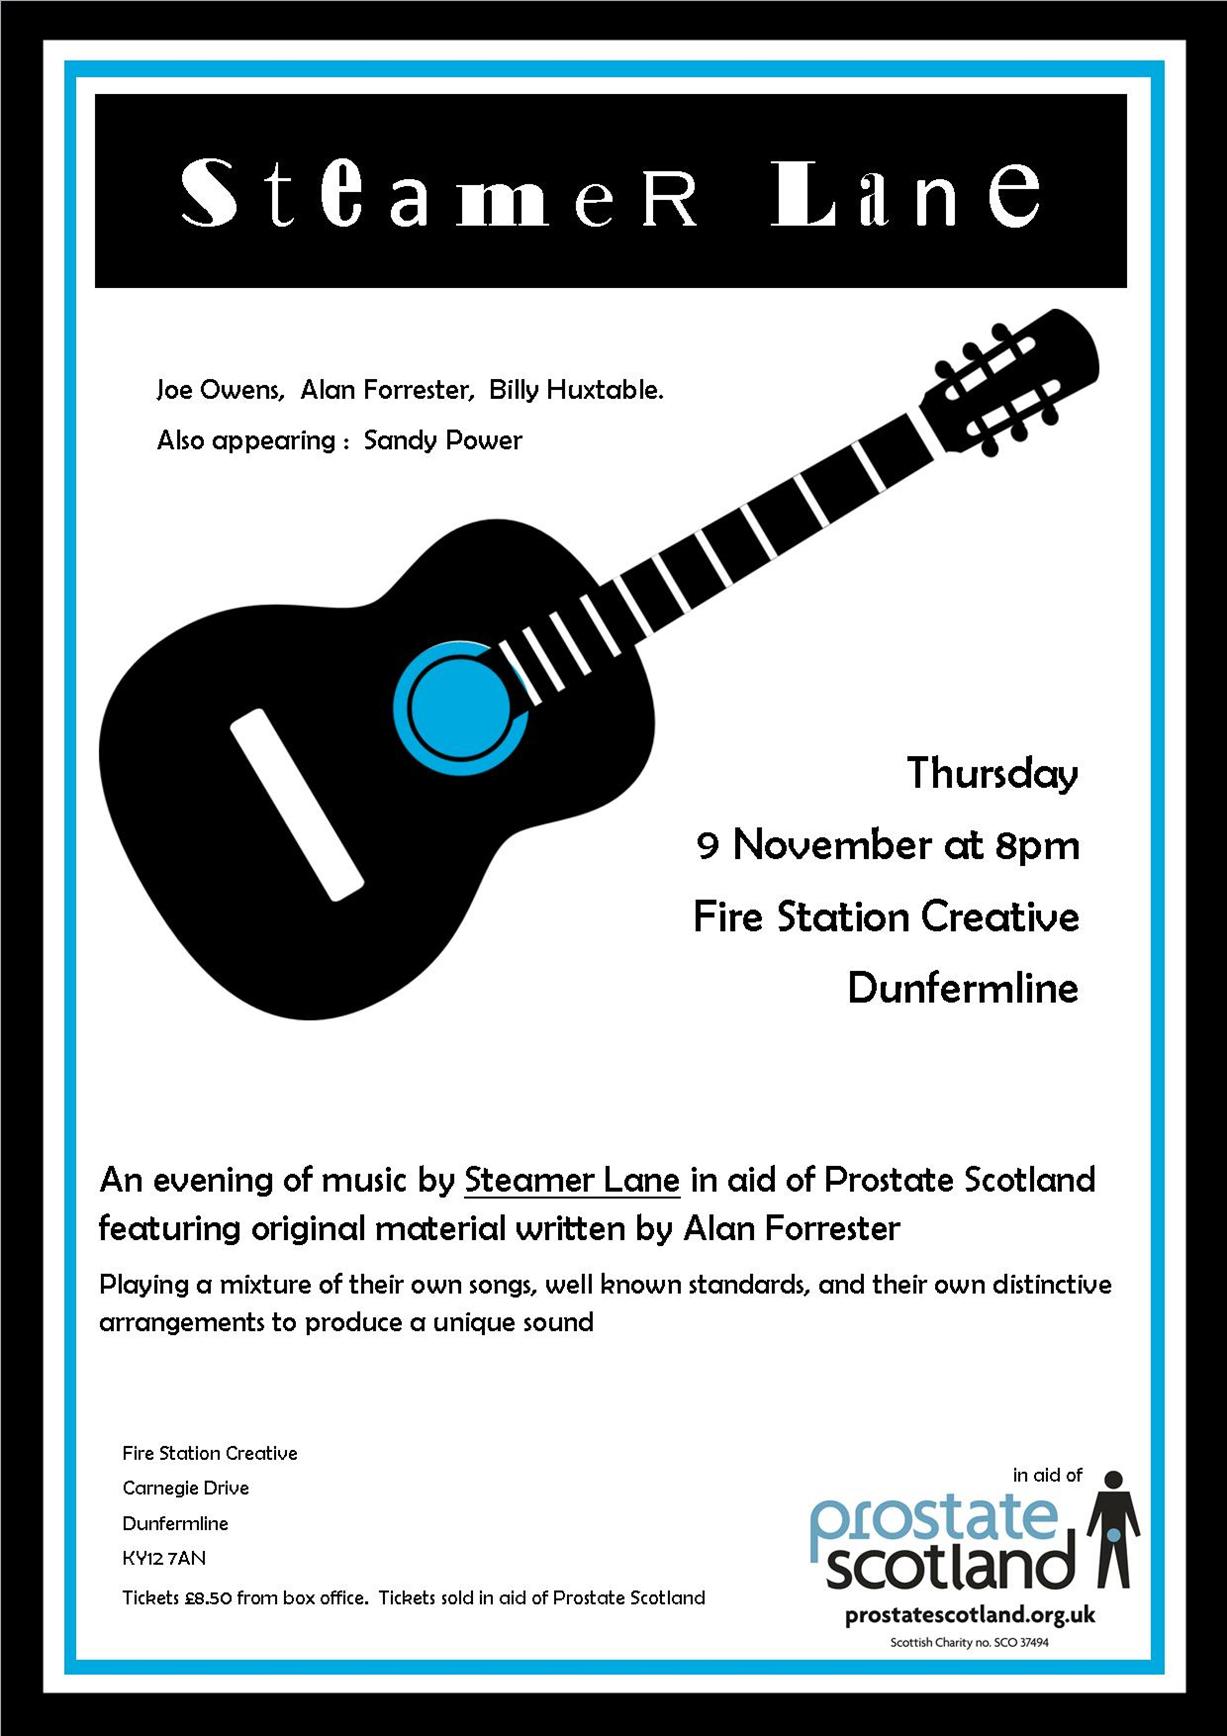 Steamer Lane Fundraising Concert